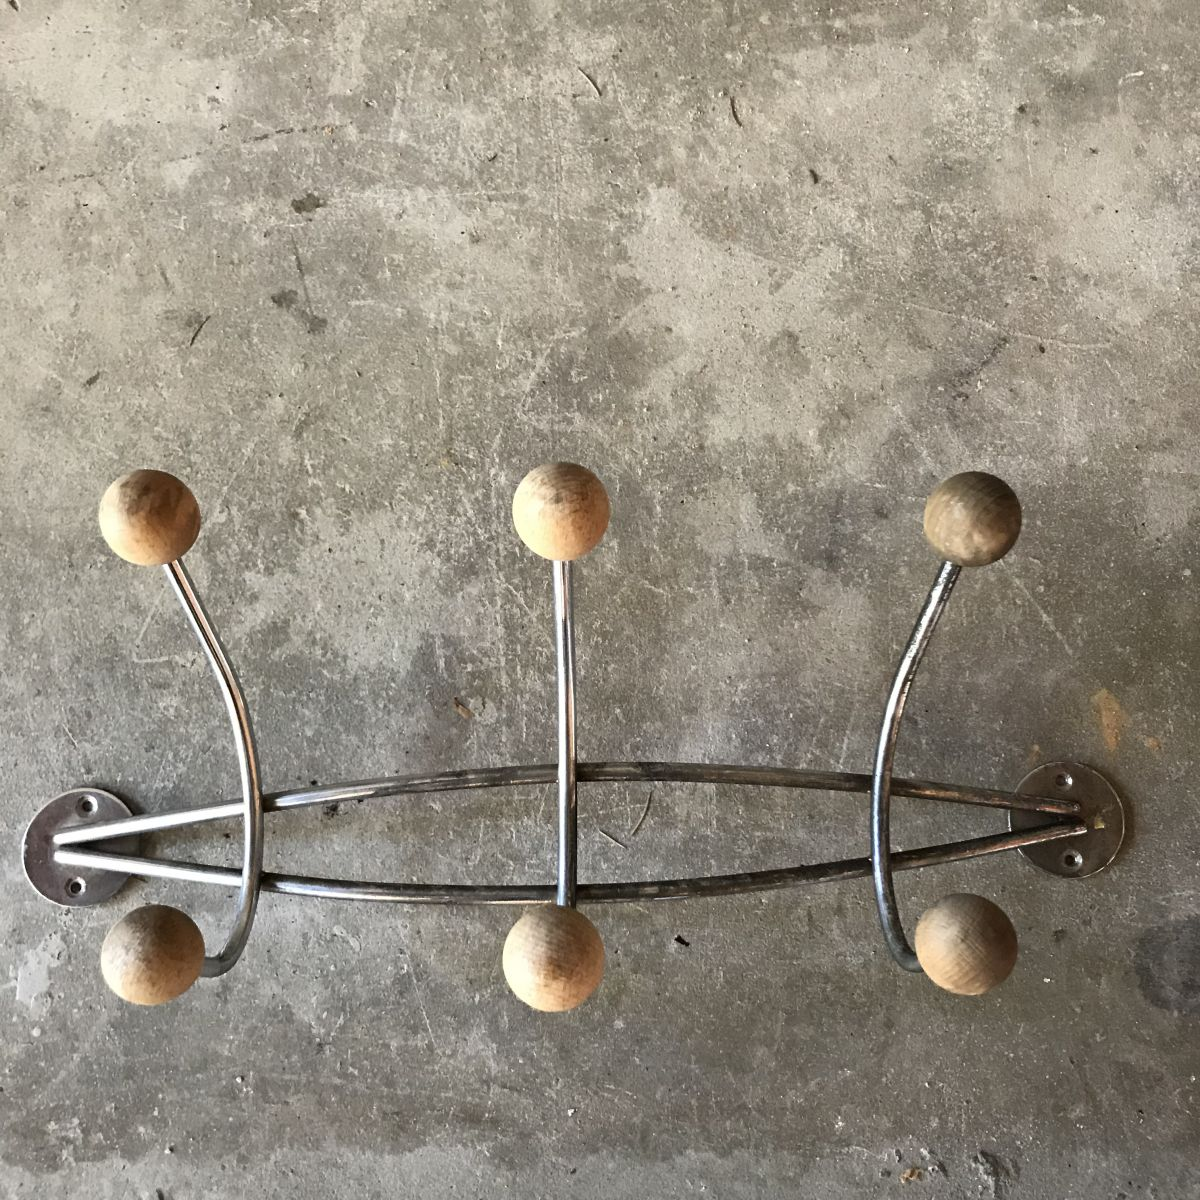 Porte manteaux 6 boules bois et acier chrome vintage luckyfind - Porte manteau boule ...